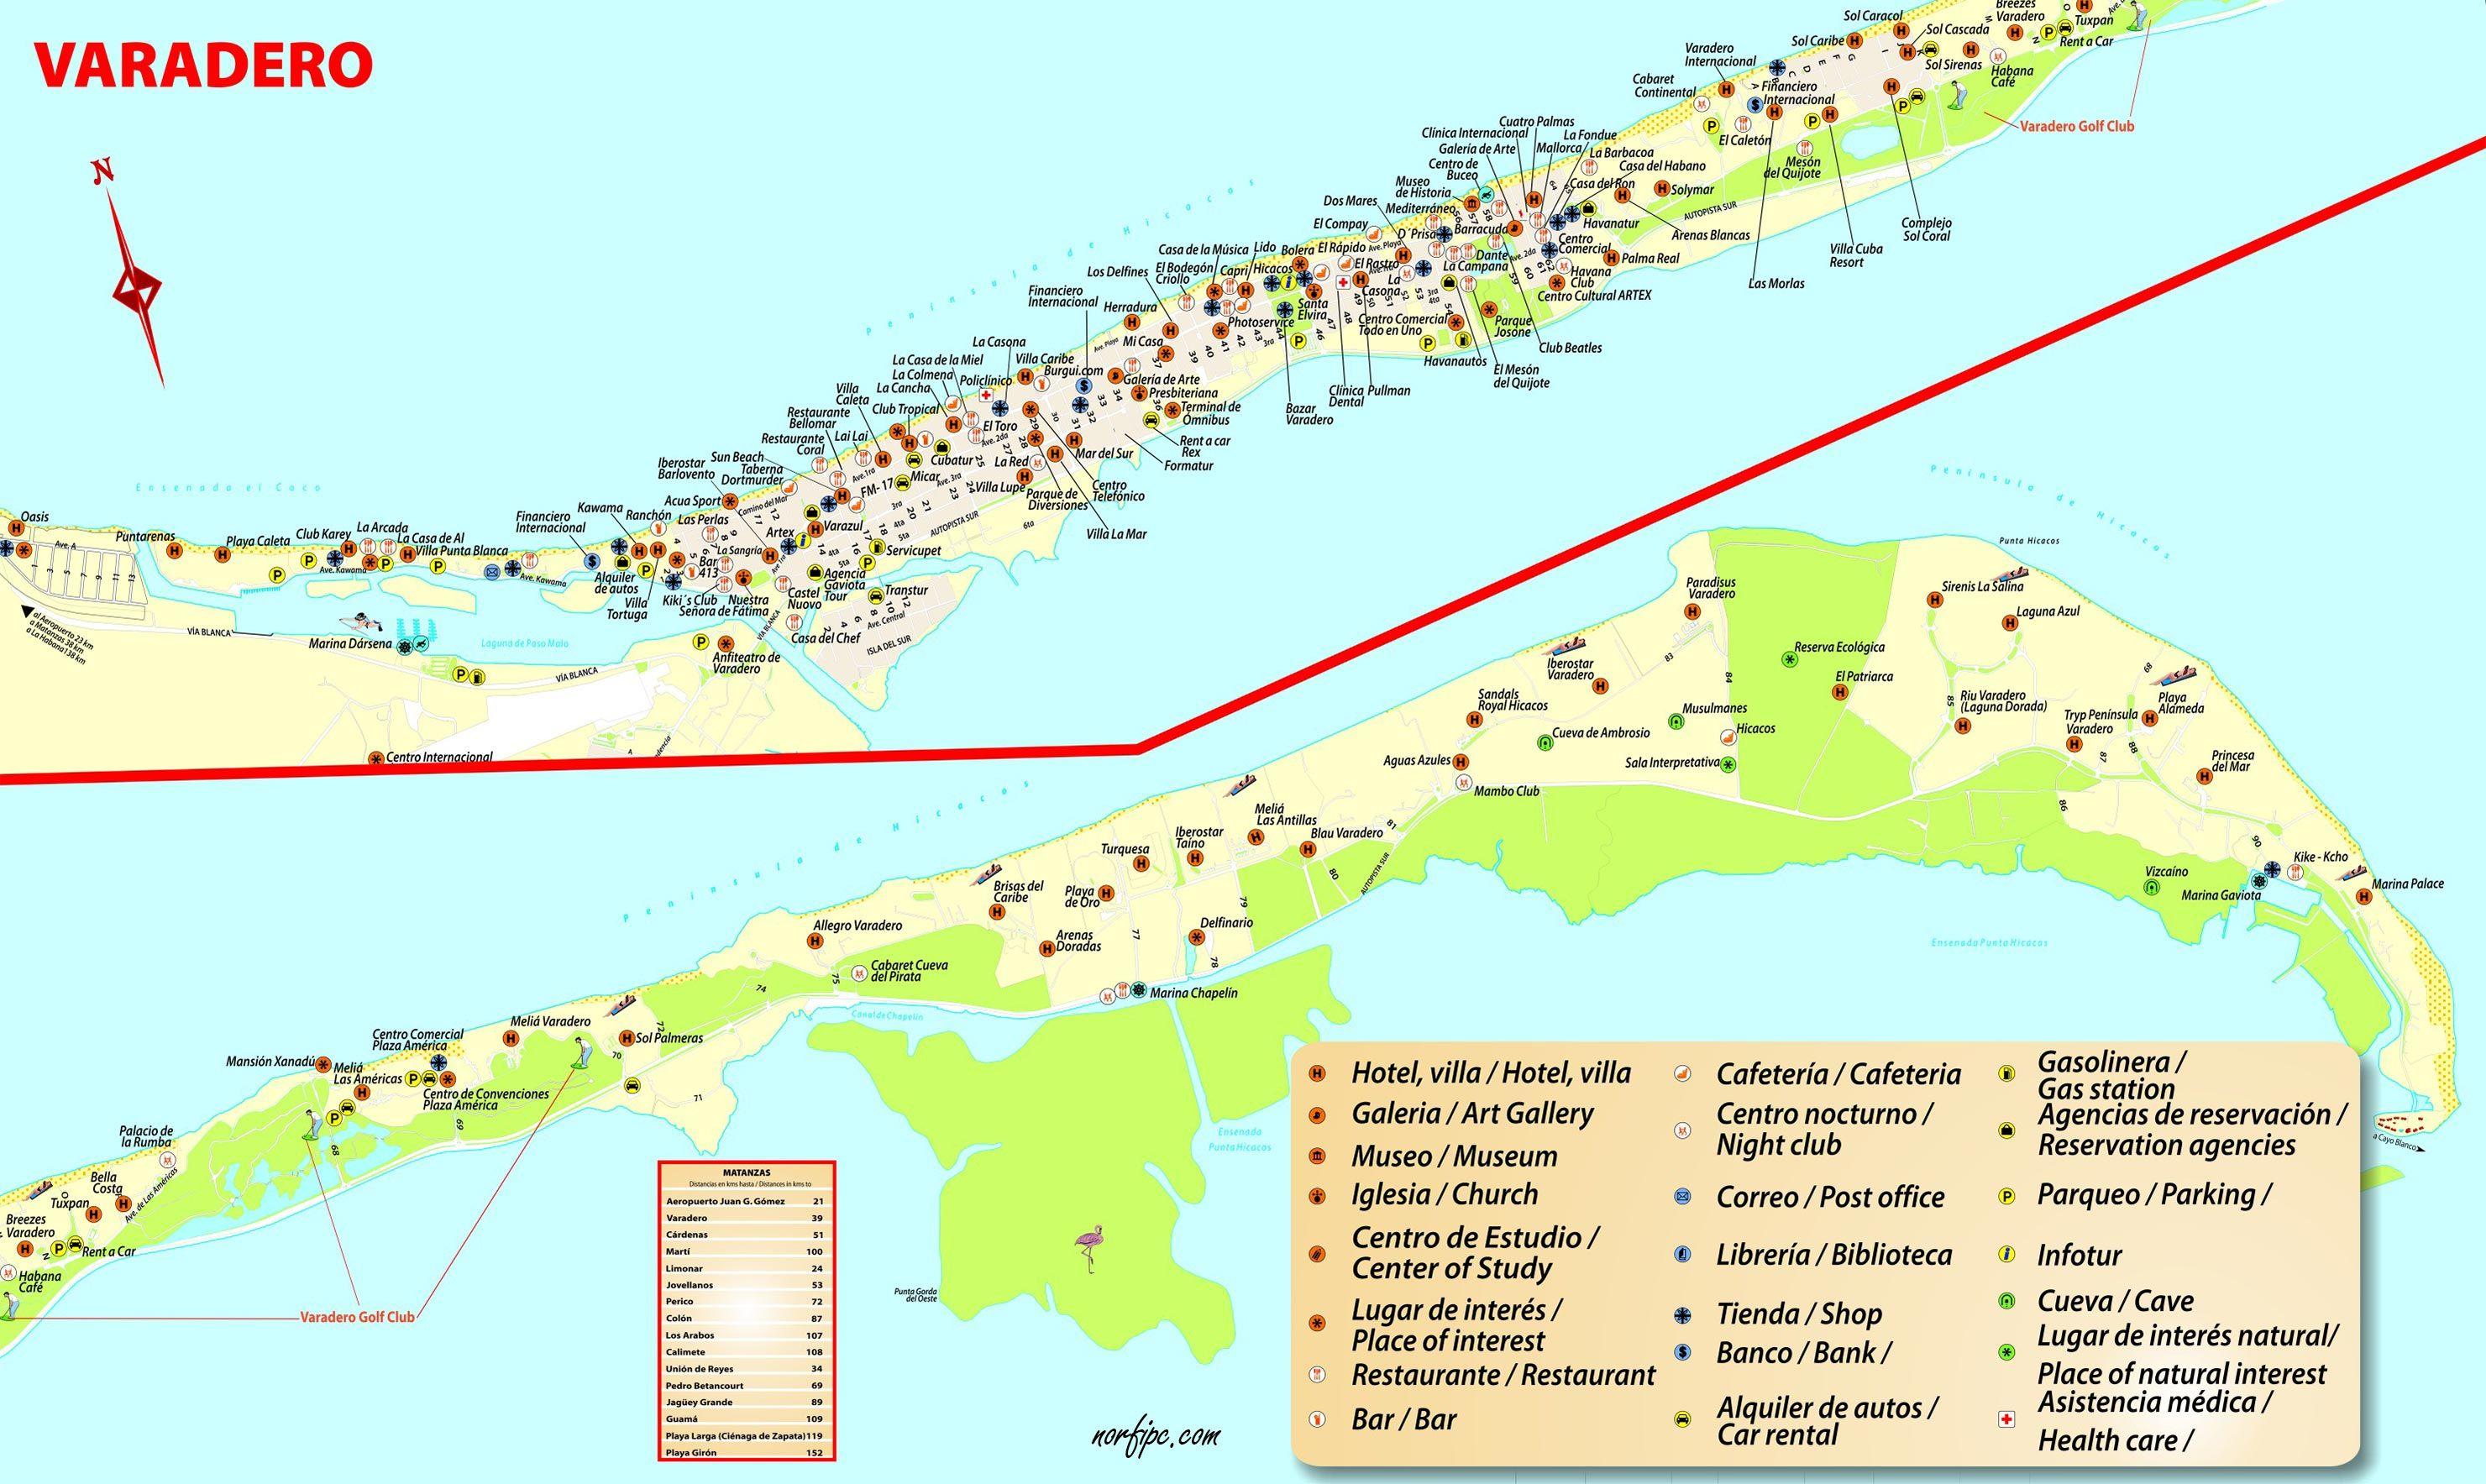 varadero mapa Mapas de sitios turísticos de Cuba para el celular en 2018 | Guía  varadero mapa